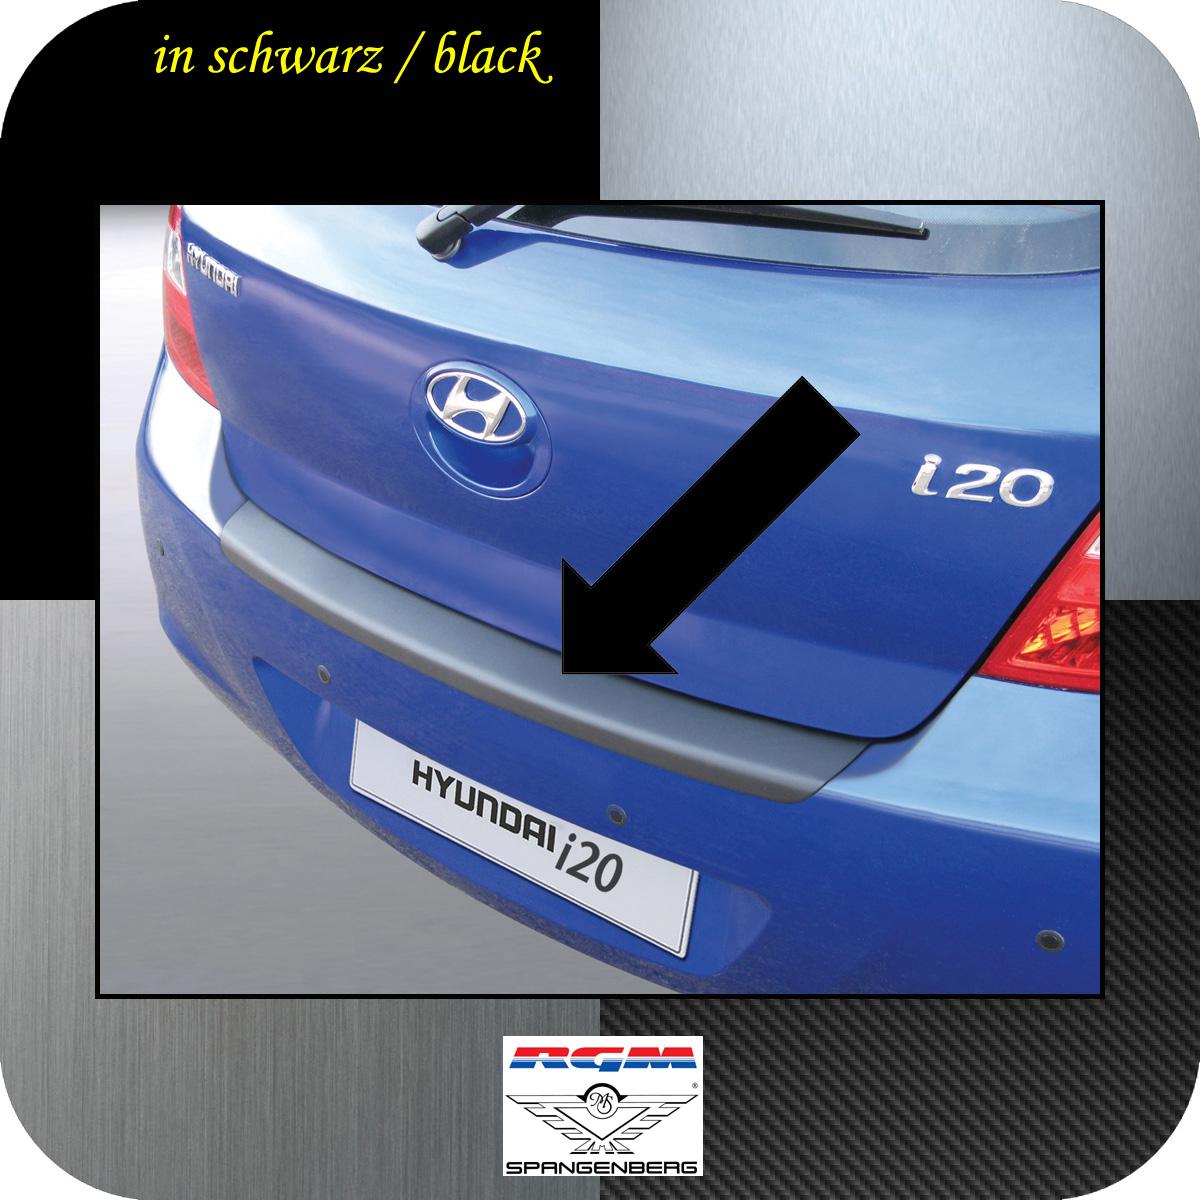 Ladekantenschutz schwarz Hyundai i20 I Schrägheck vor Mopf 2008-12 3500212